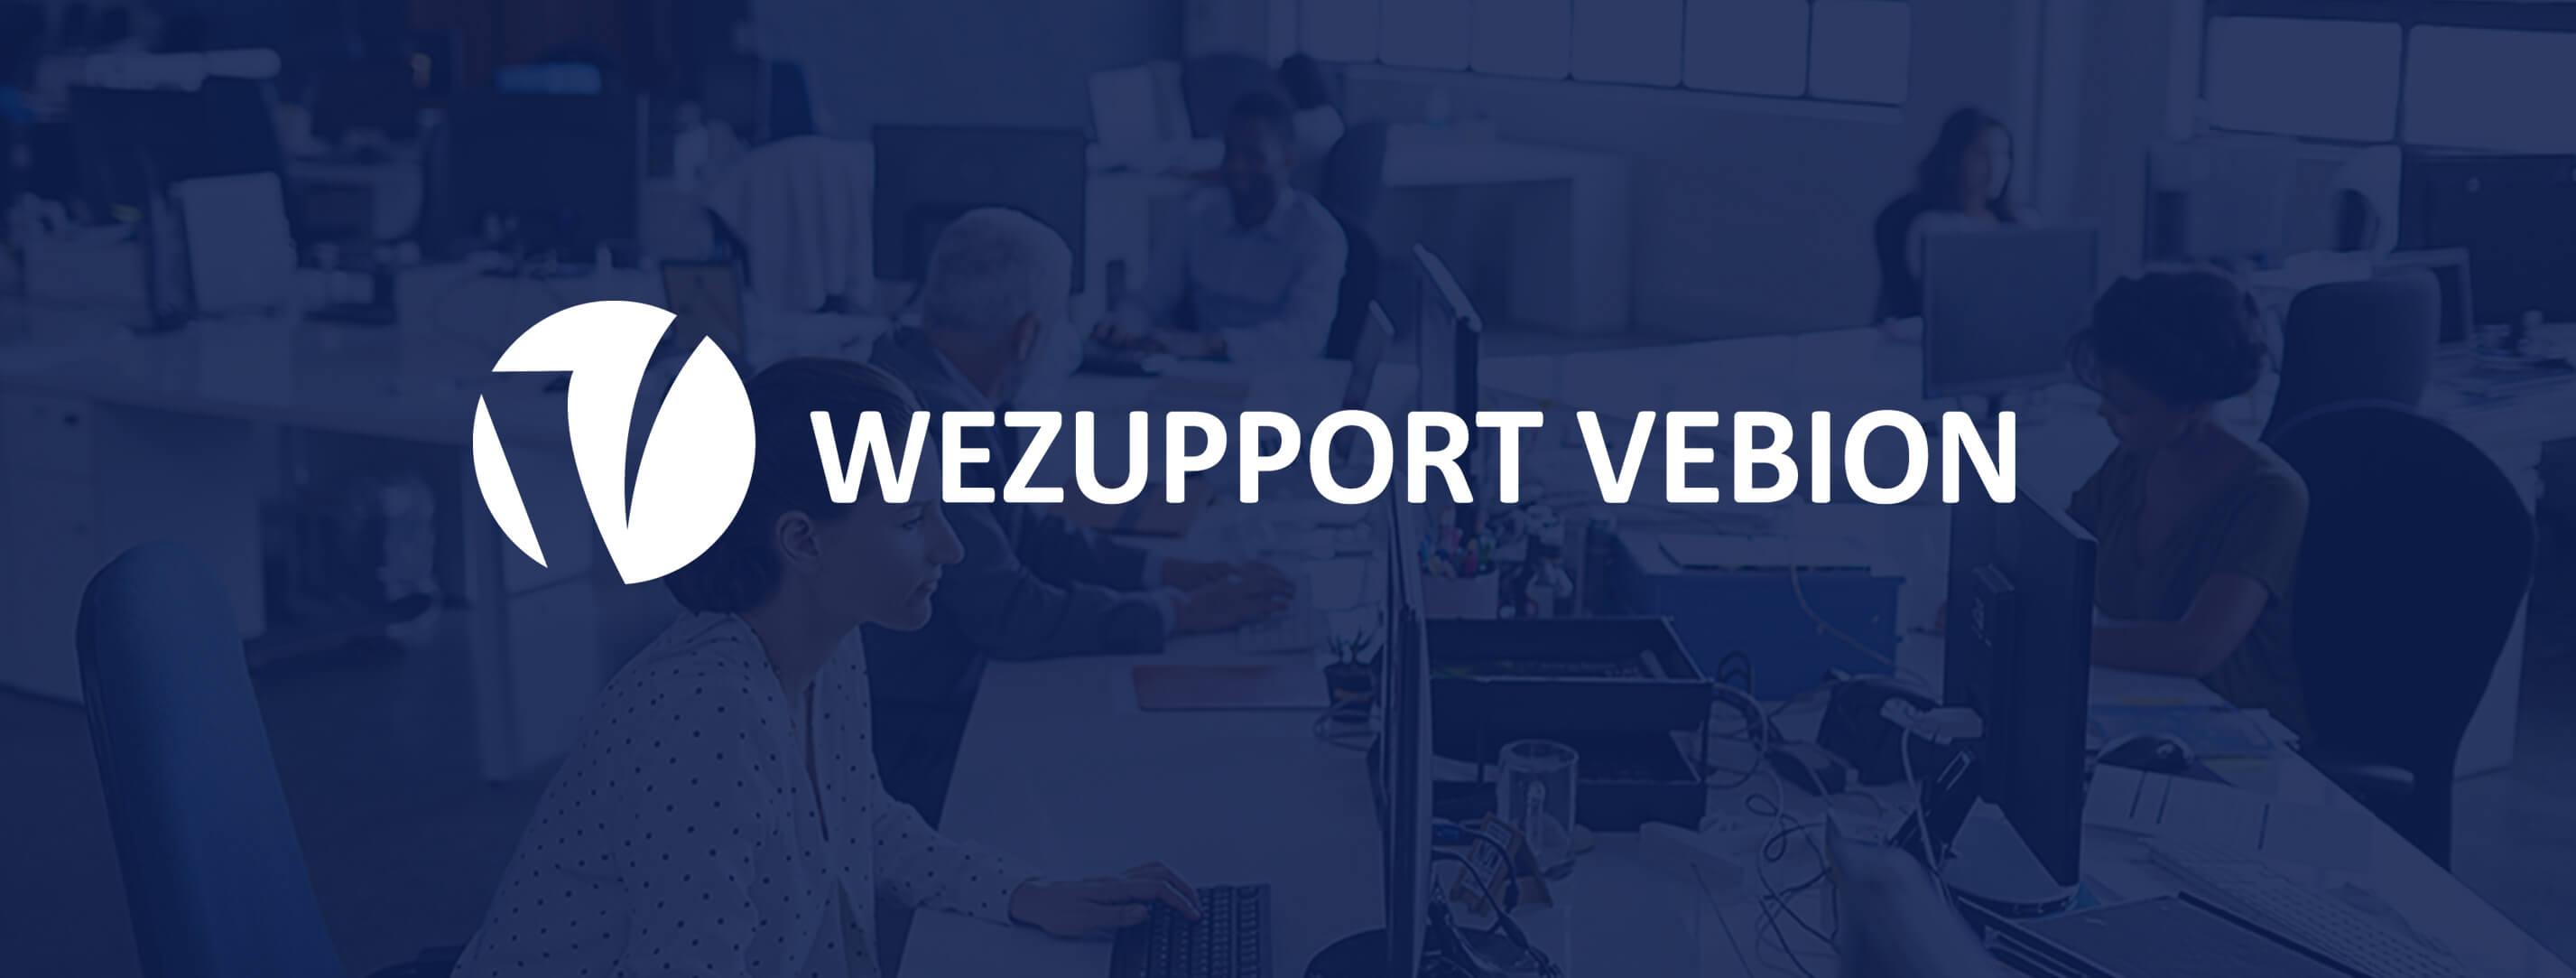 Social Zense Wezupport Vebion